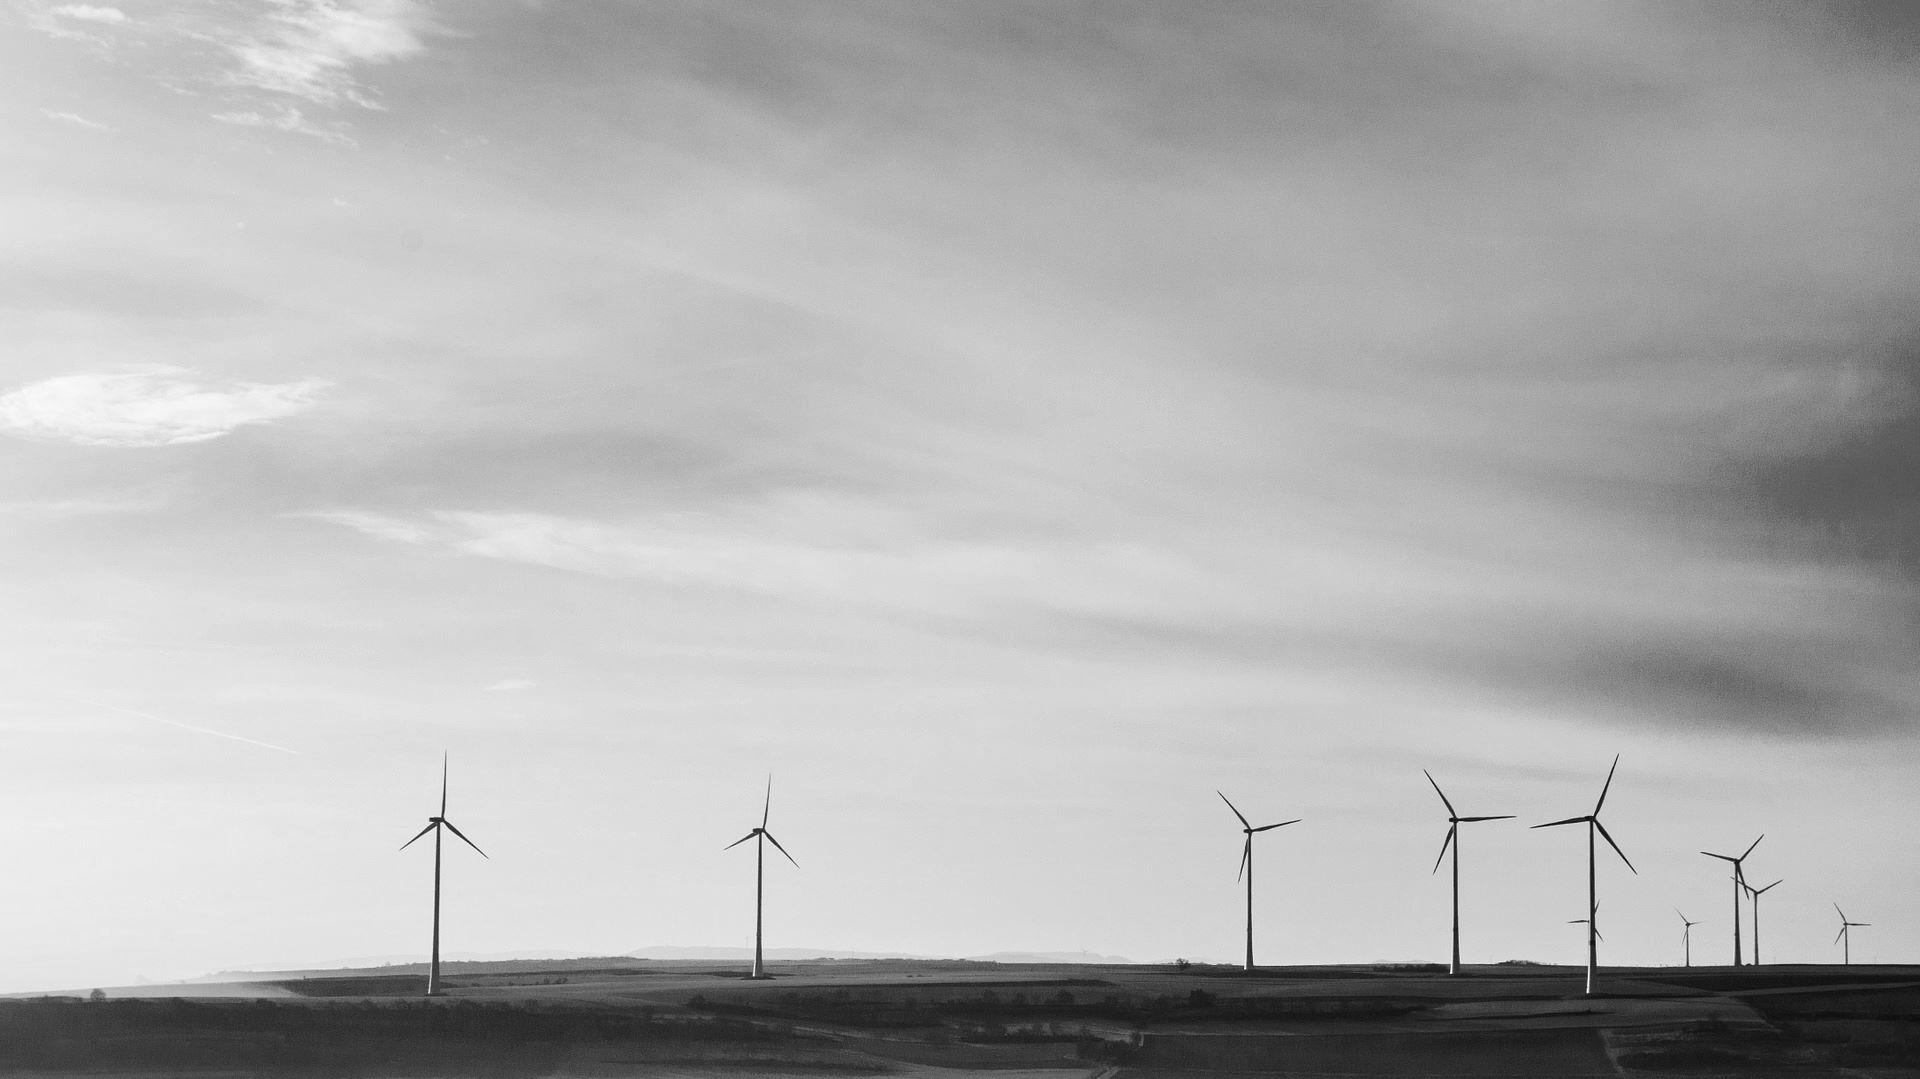 Fallbeispiel: Klimaschutz steuern